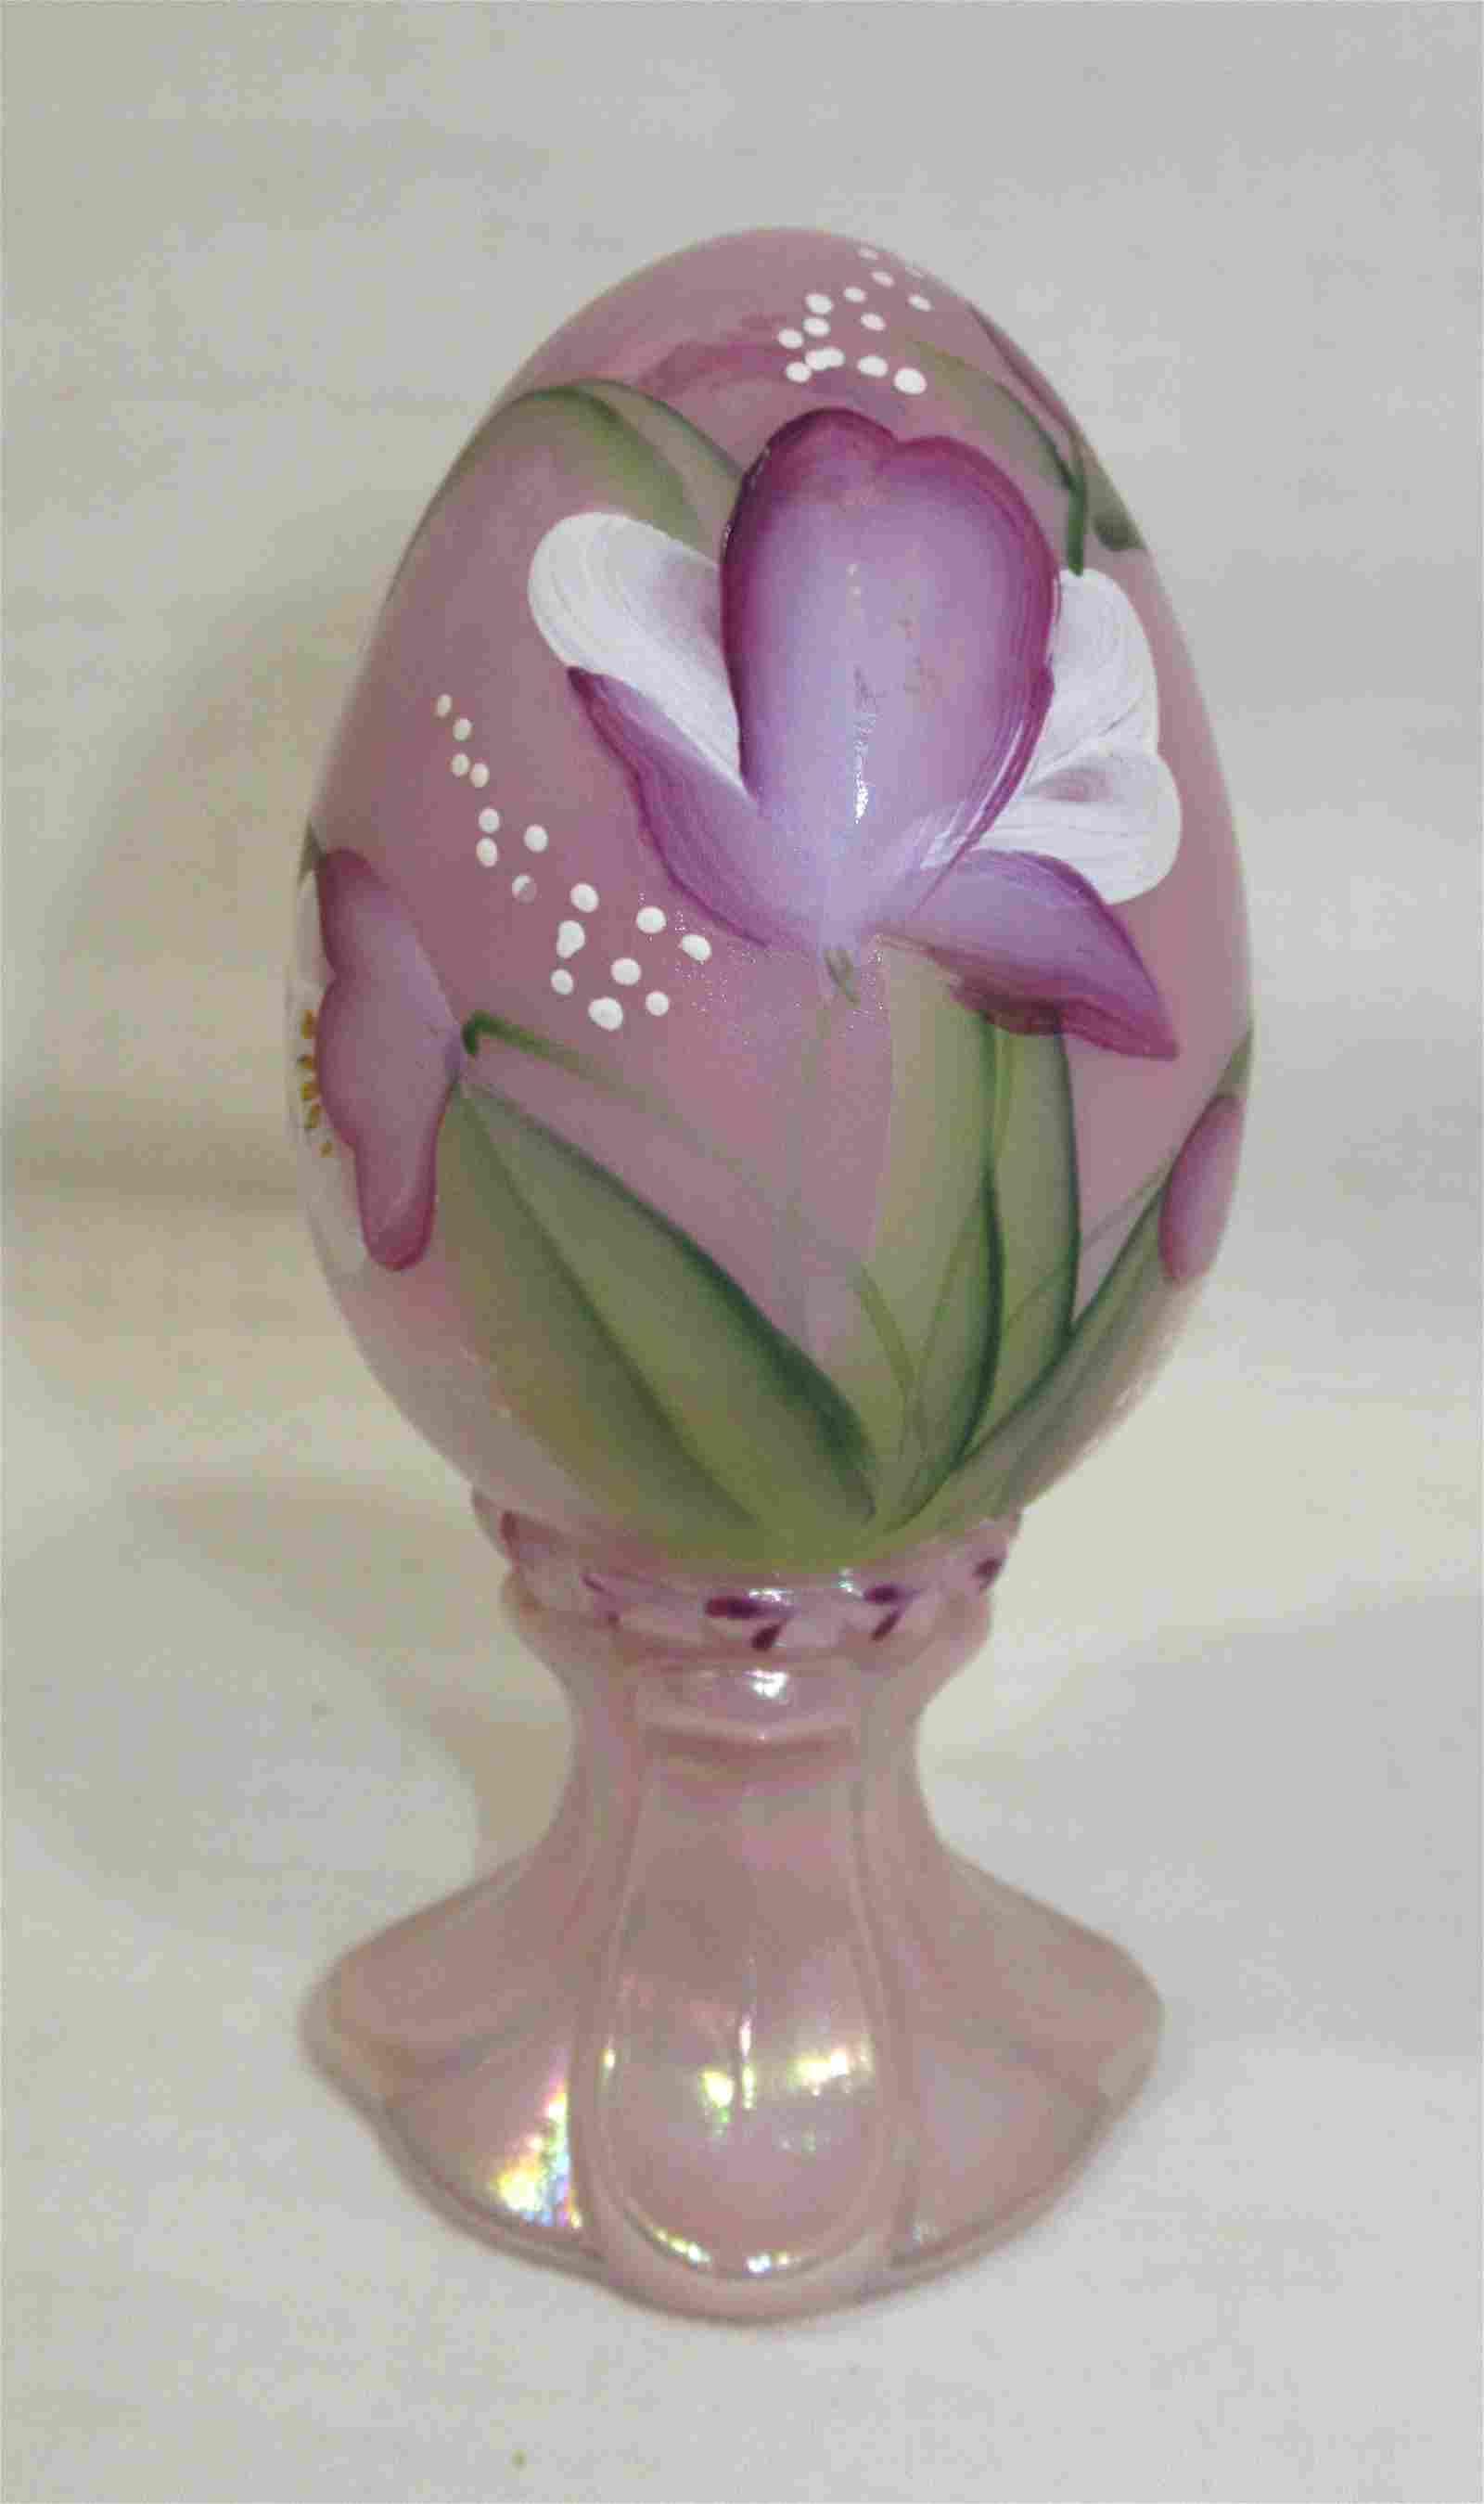 H.P. Fenton Iridescent Egg